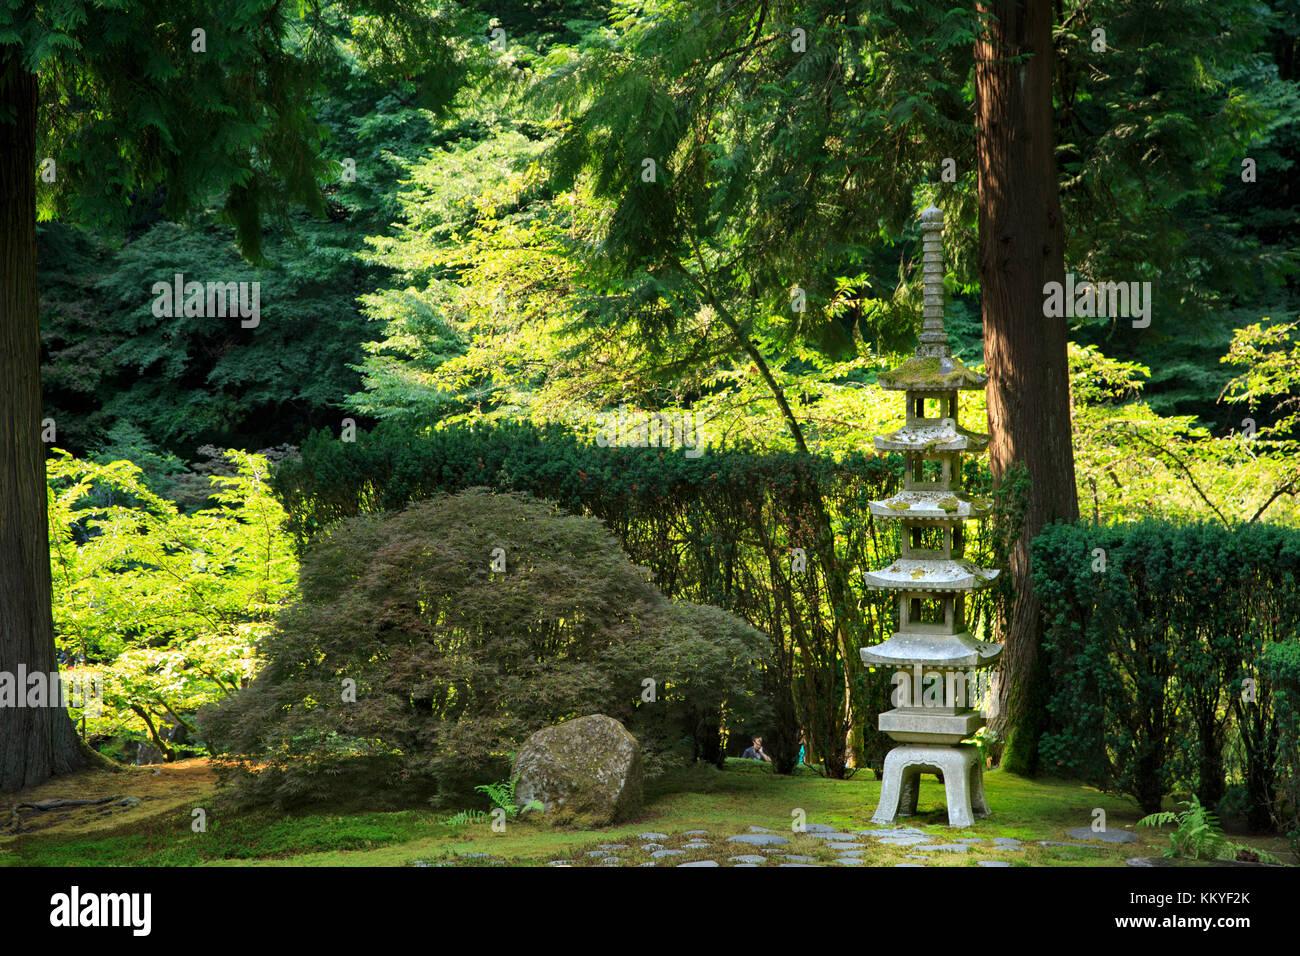 Portland Japanese Garden Pagoda Stock Photos Portland Japanese Garden Pagoda Stock Images Alamy